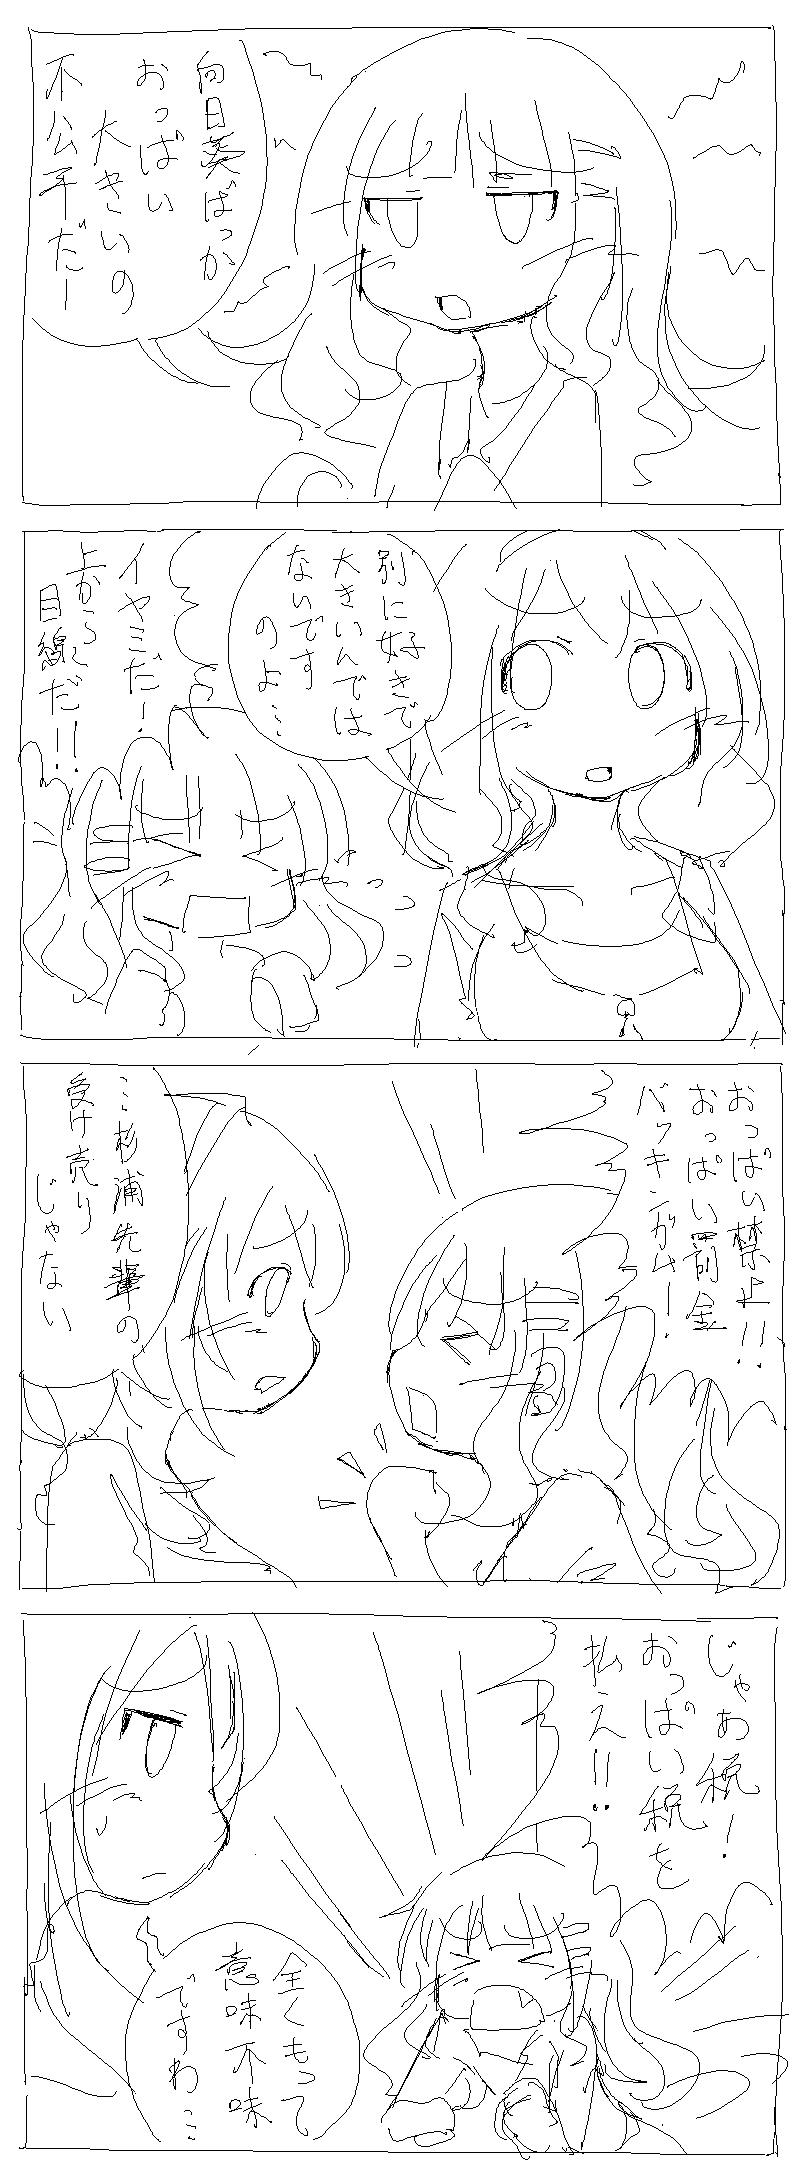 http://blueandgreen.jp/images/himasaku_01.png